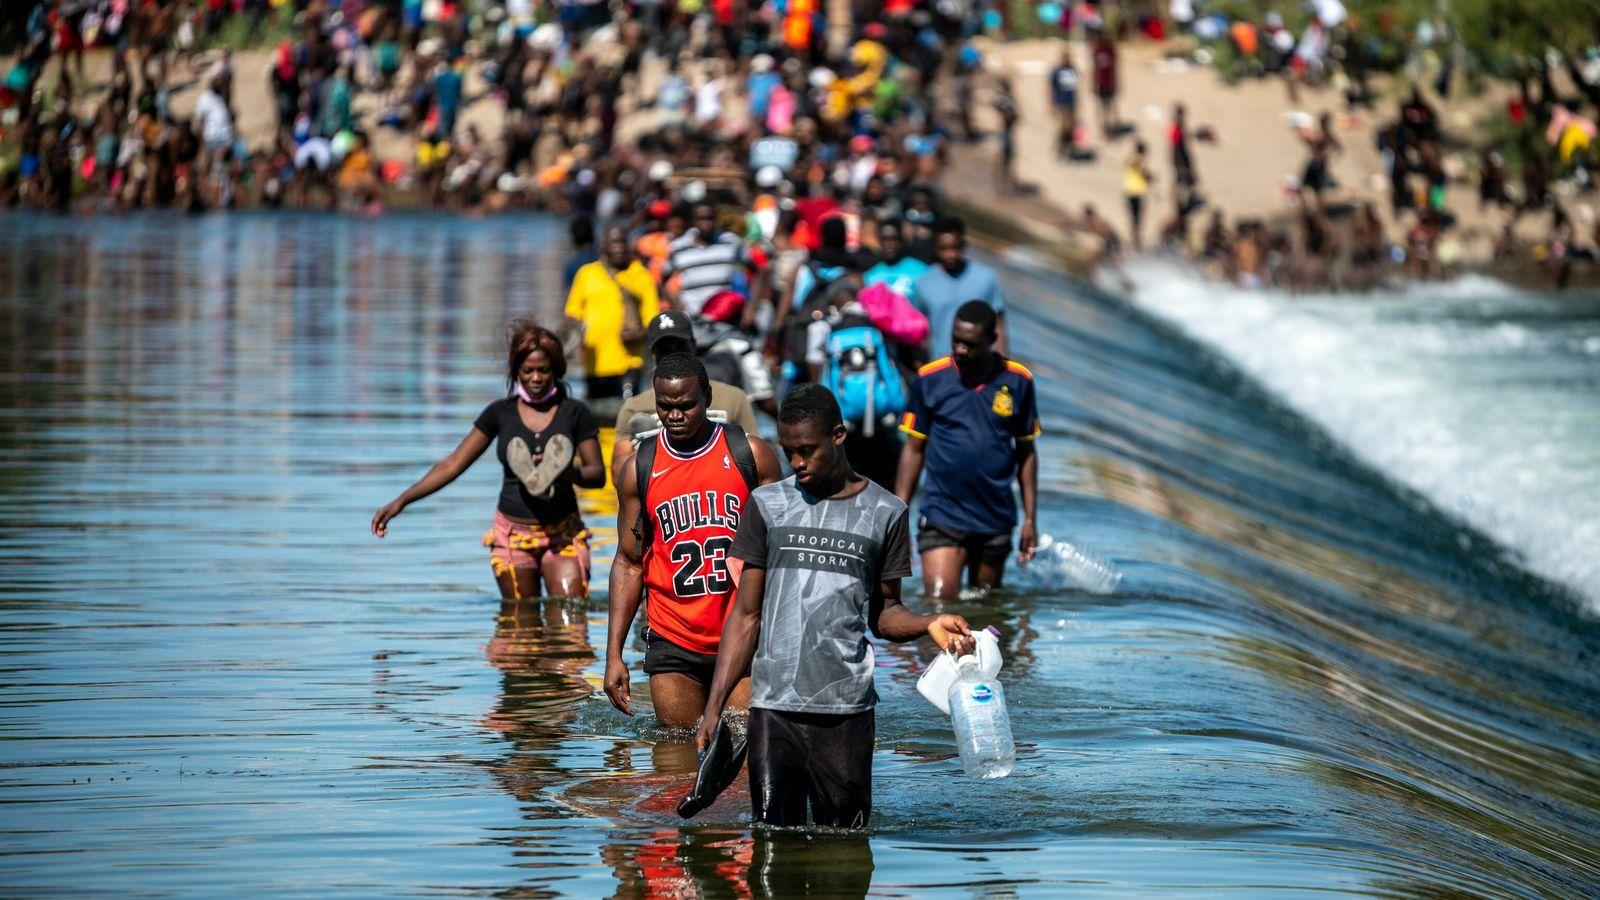 Foto de imigrantes haitianos atravessando um rio que é fronteira dos EUA com o México